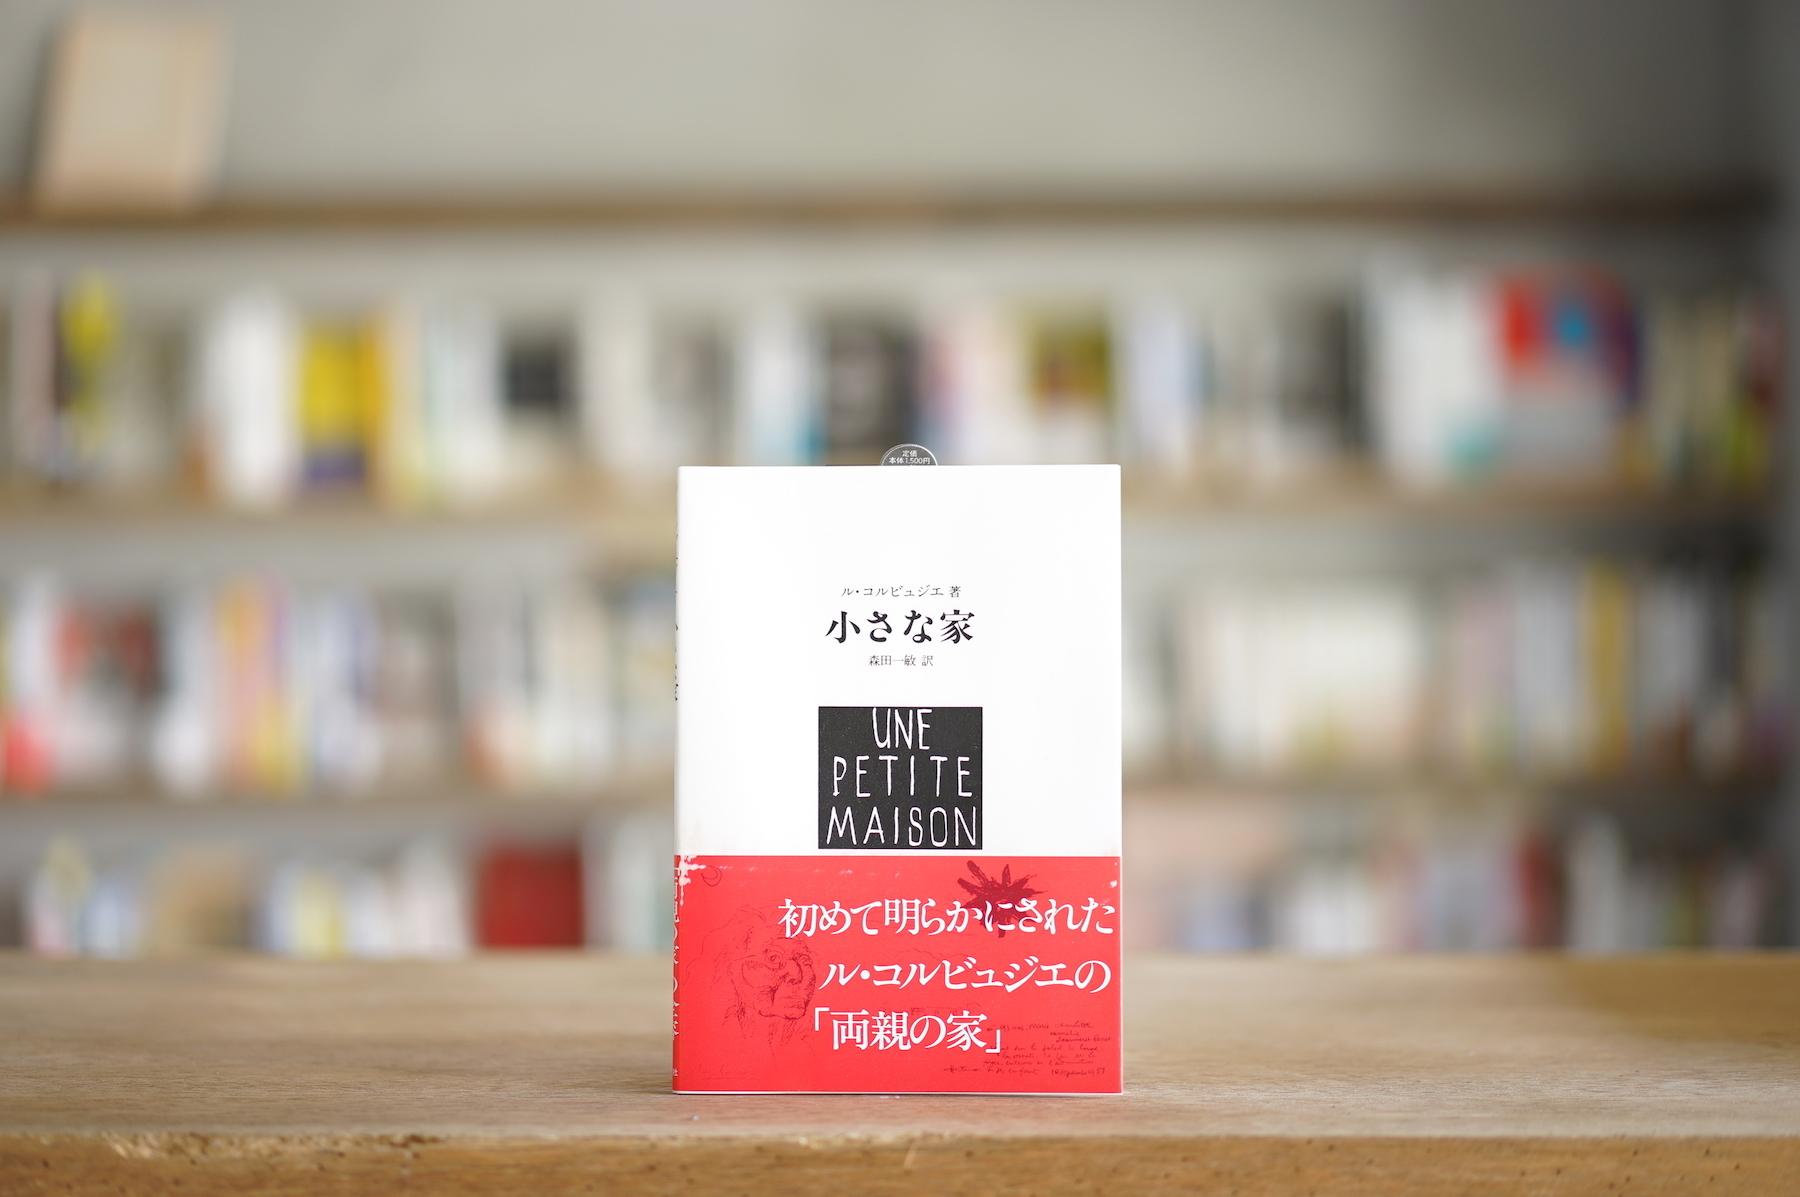 ル・コルビュジエ 訳:森田一敏 『小さな家』 (集文社、1980)